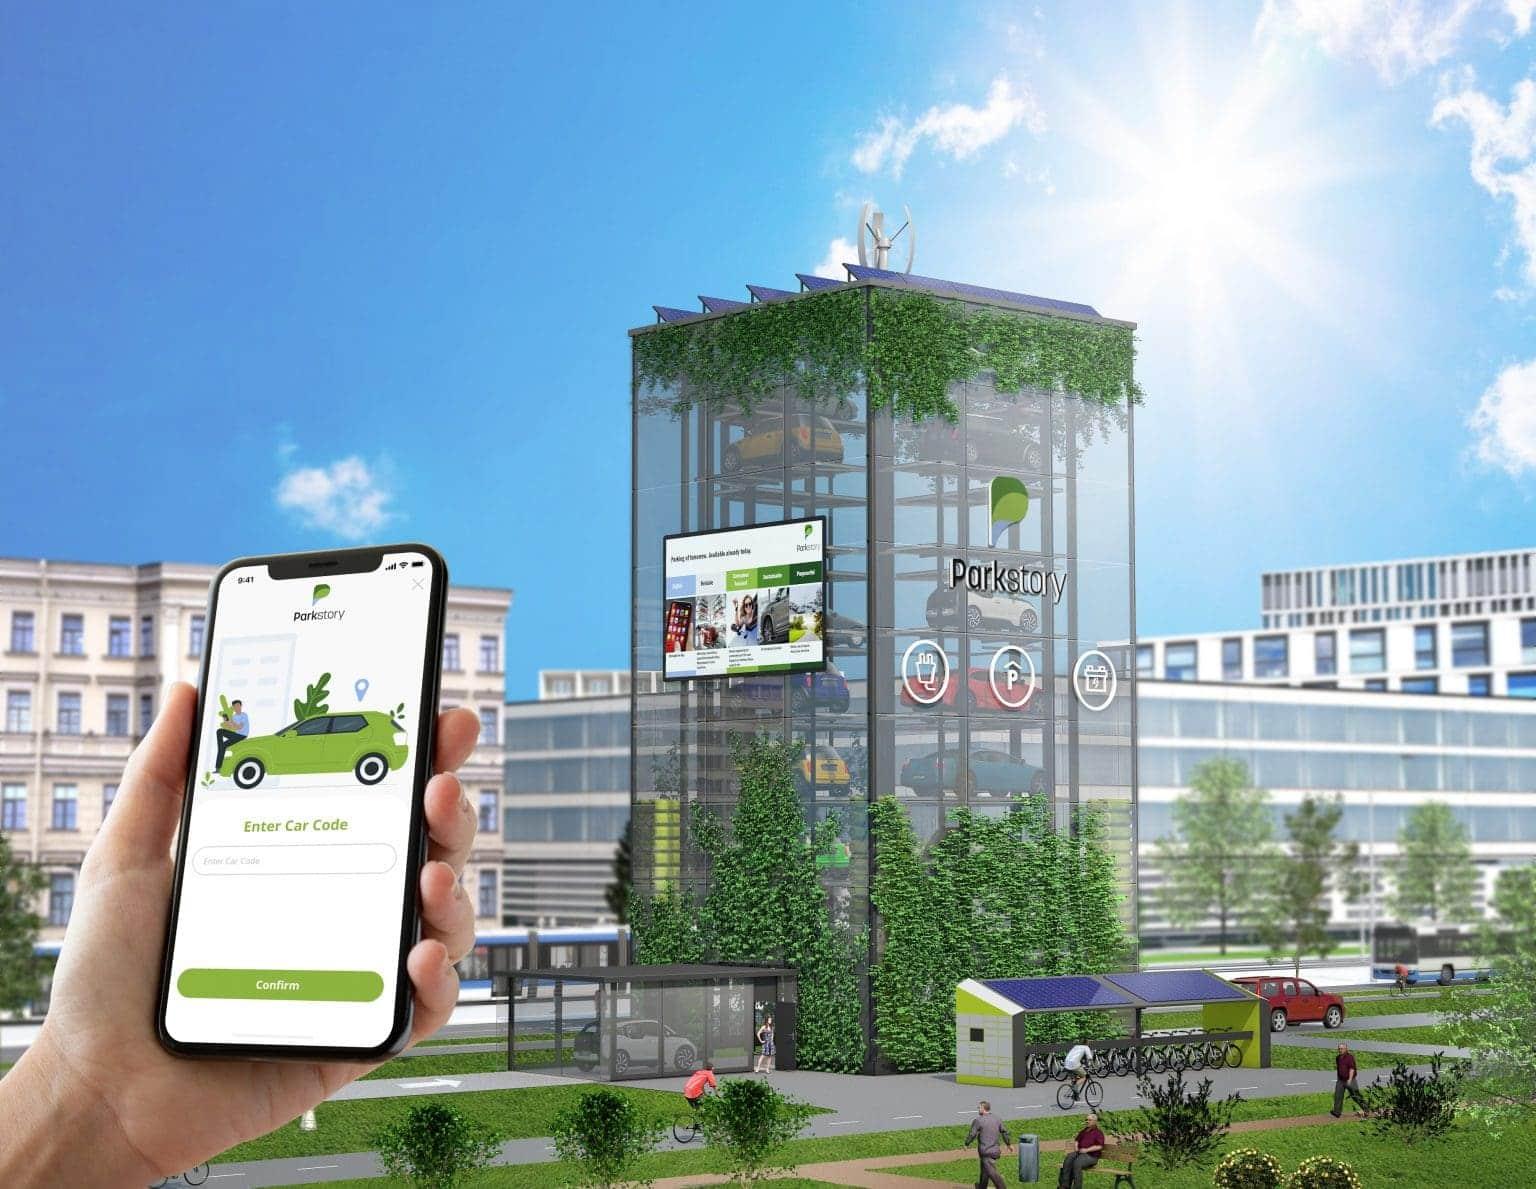 forestisland-parksotry-webdesign-2